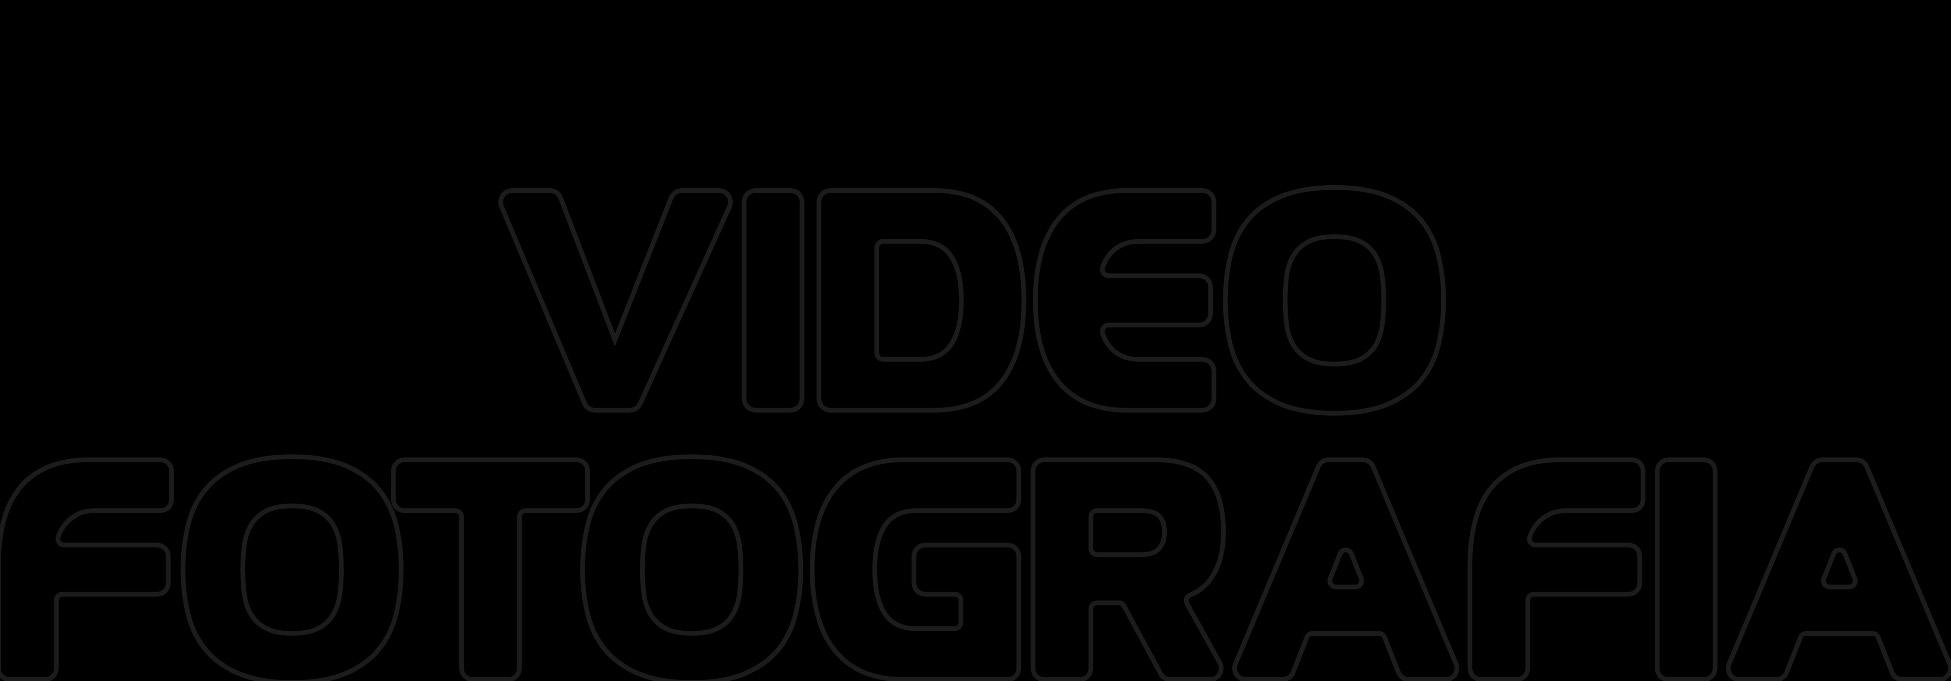 VÍDEO Y FOTOGRAFÍA FANS MARKETING MÁLAGA